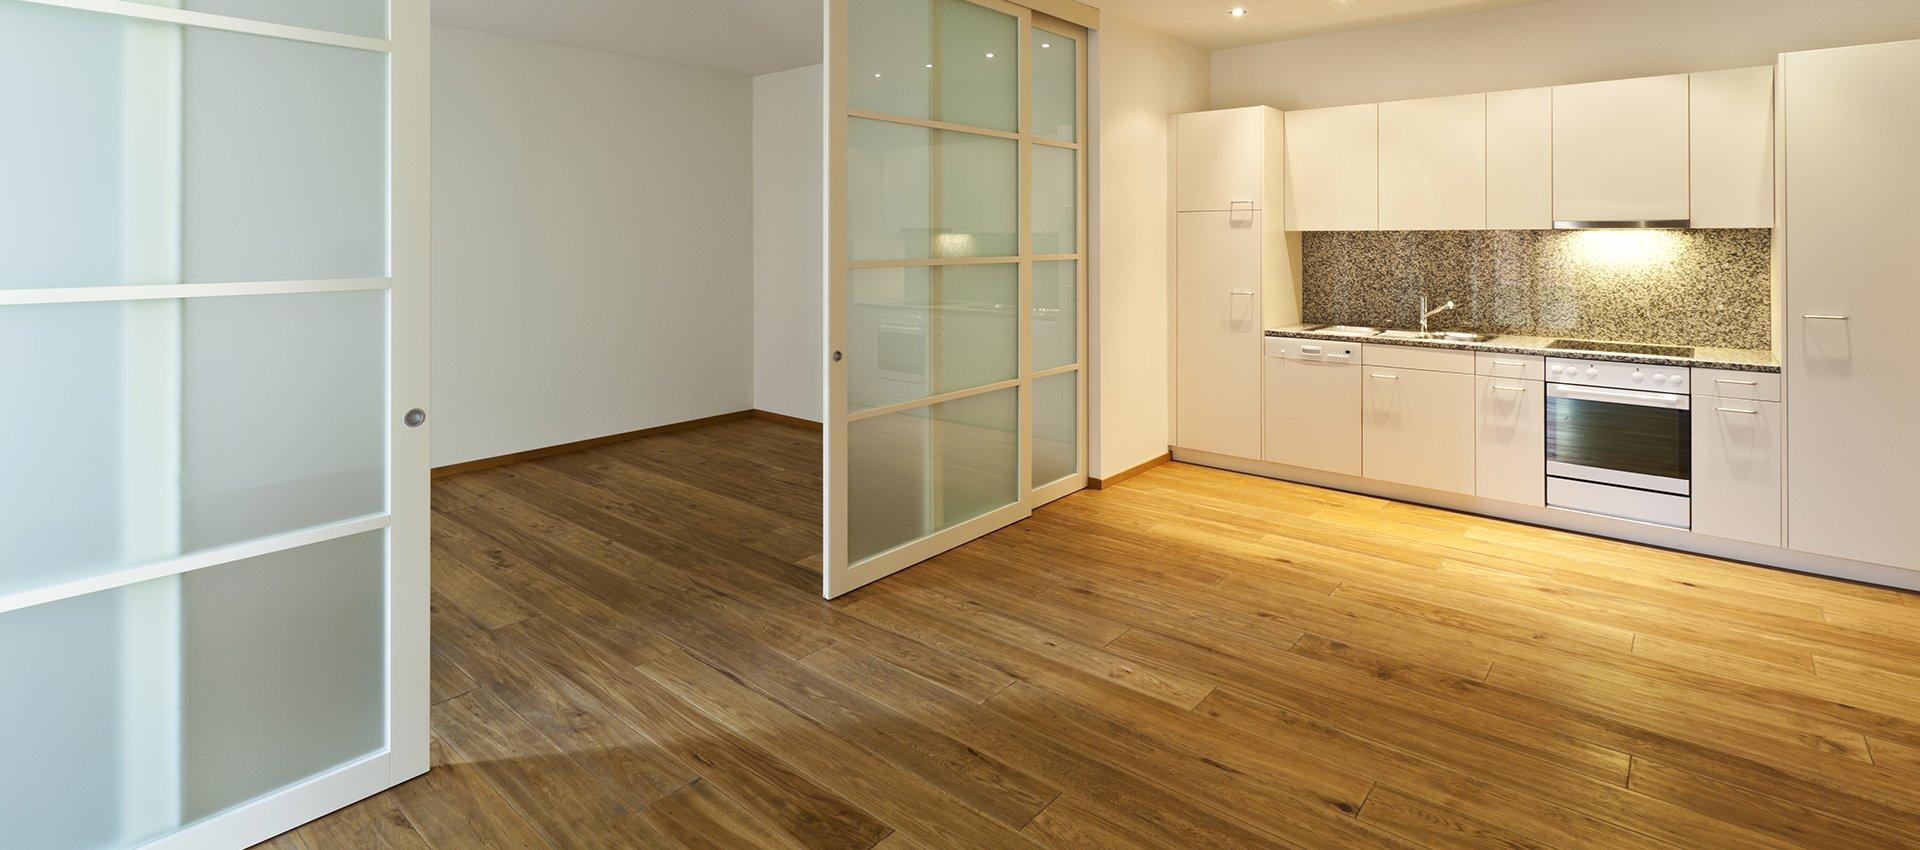 wooden flooring in kitchen